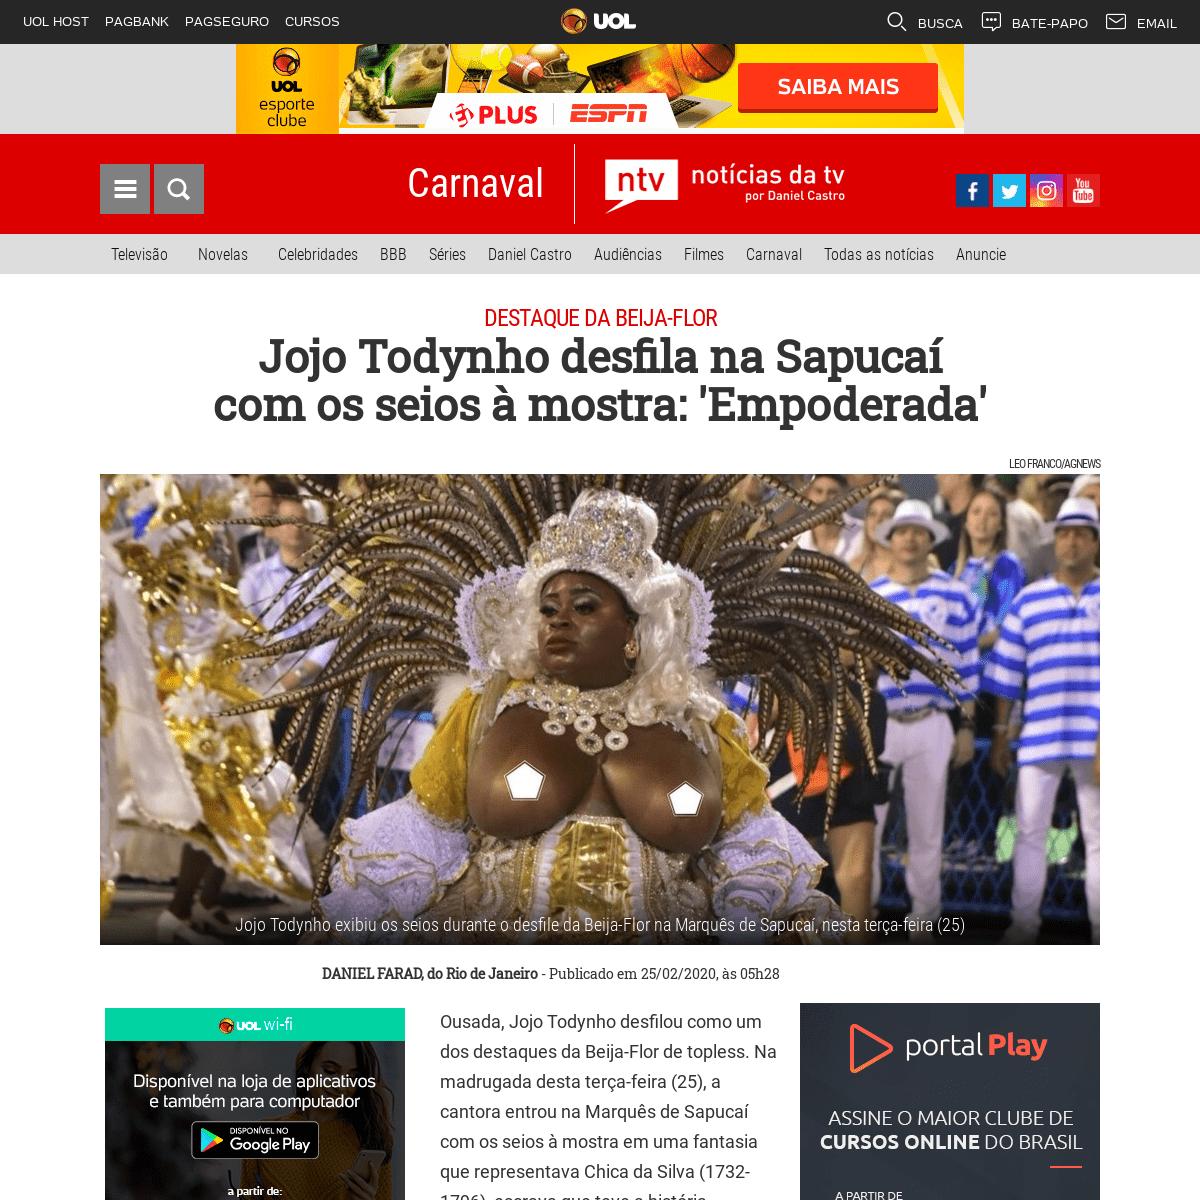 Jojo Todynho desfila na Sapucaí com os seios à mostra- 'Empoderada' · Notícias da TV